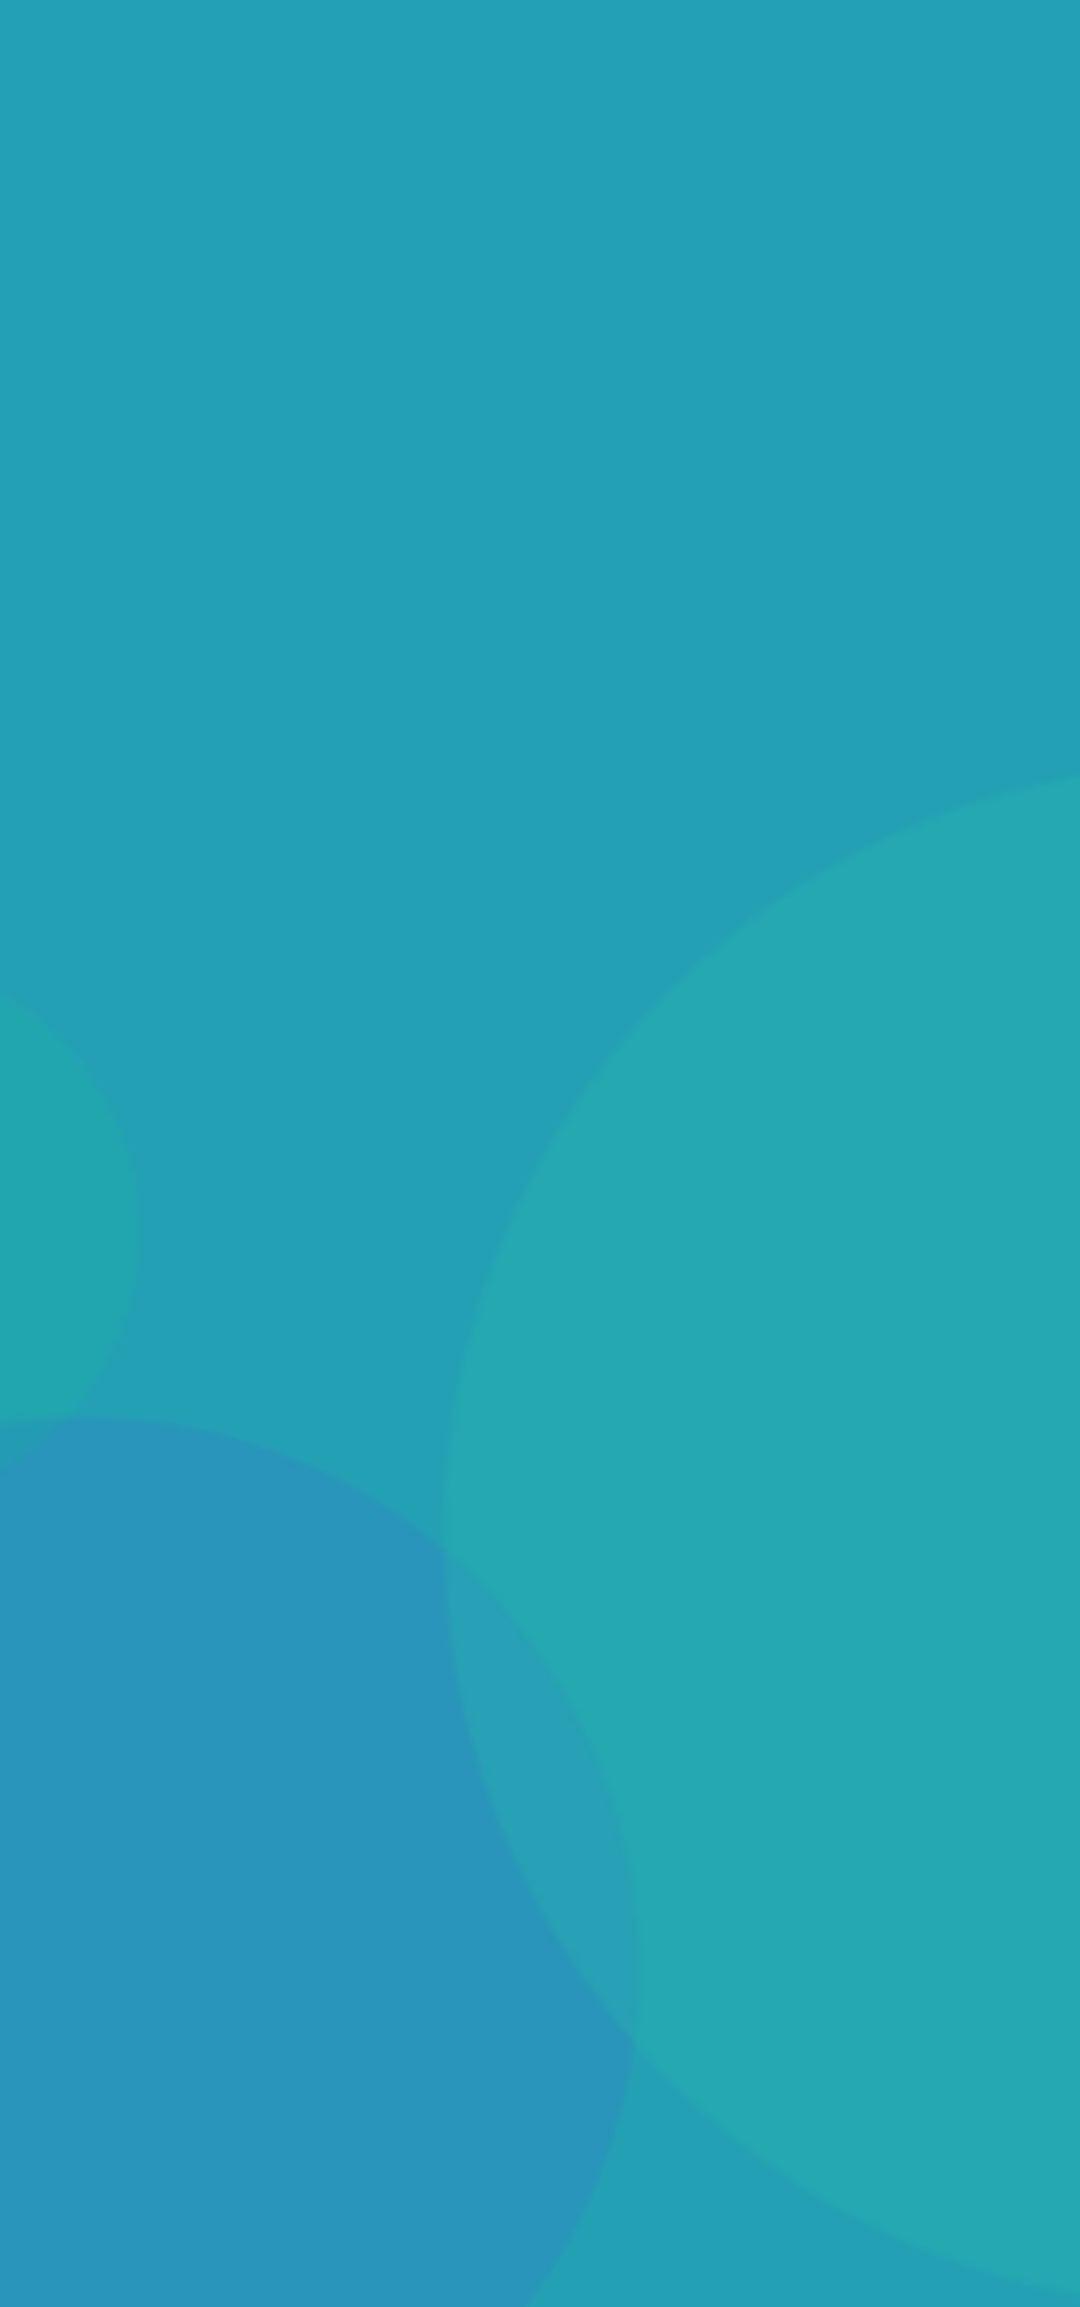 تحميل خلفيات واجهة سامسونج One UI 3 الاصلية برابط مباشر (6)